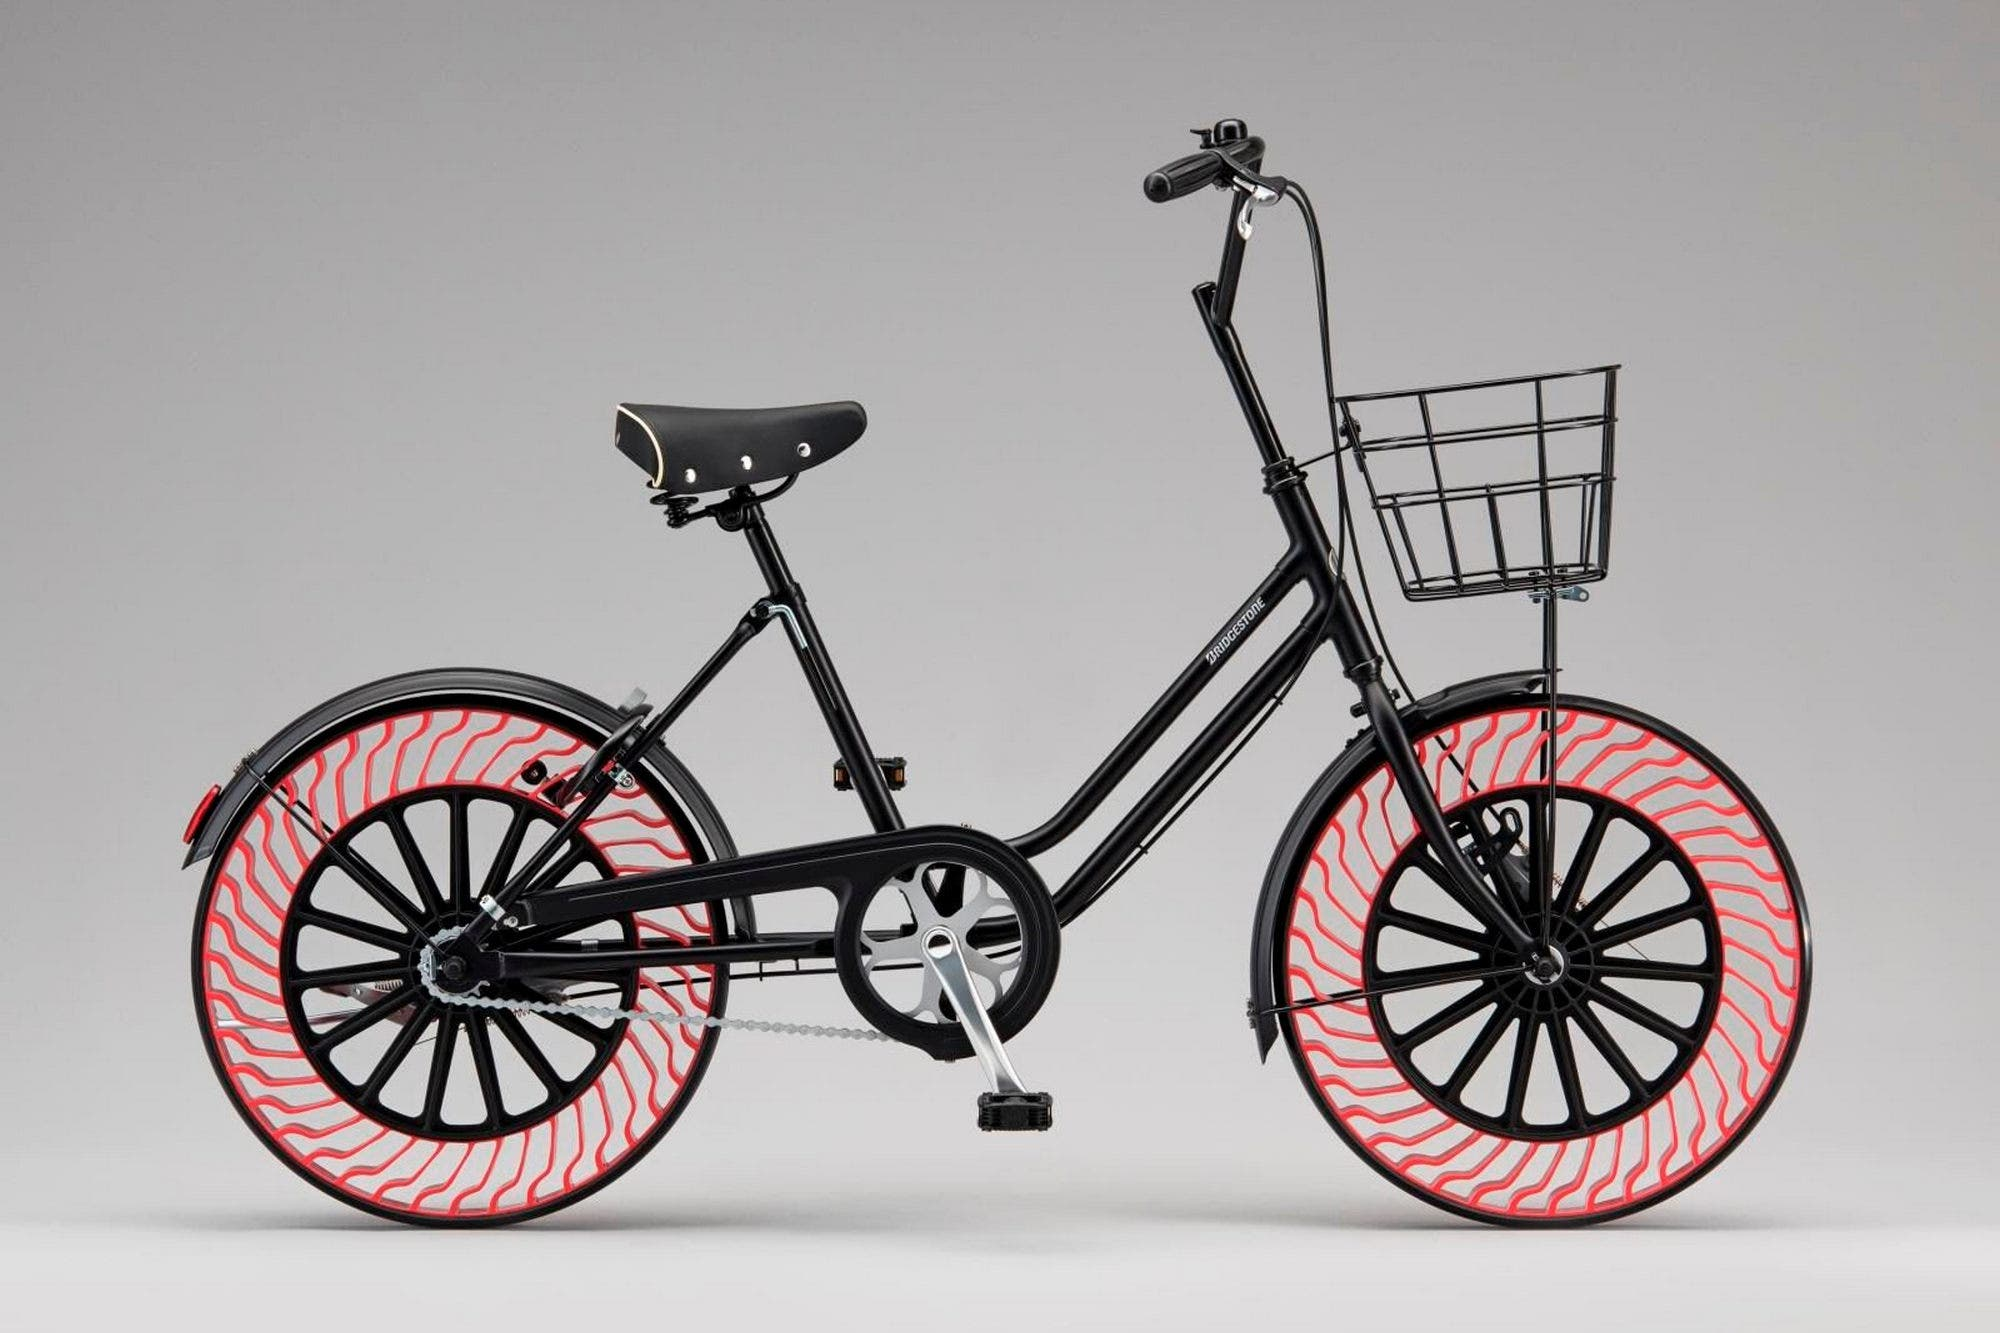 A prueba de pinchaduras: así serán las ruedas sin aire de la bicicleta oficial de los Juegos Olímpicos Tokio 2020